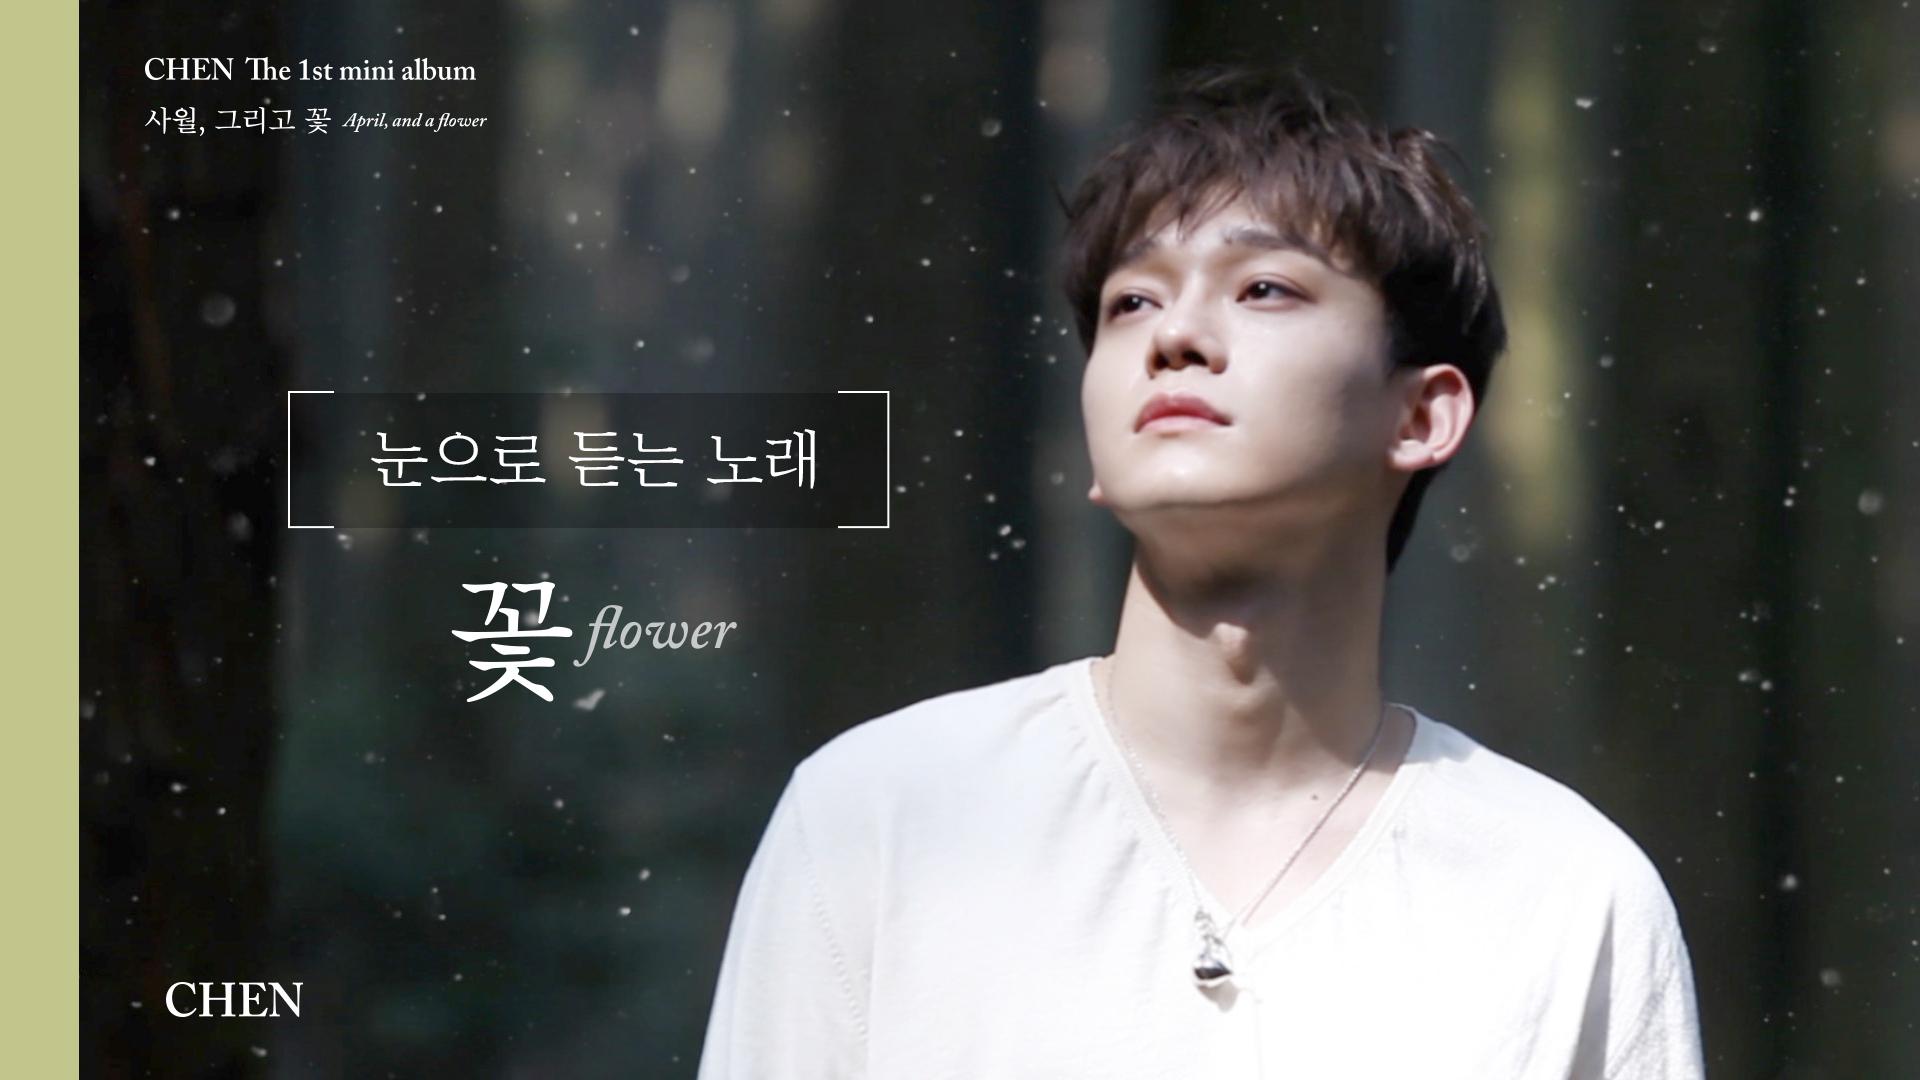 [눈으로 듣는 노래] CHEN 첸 '꽃 (Flower)'